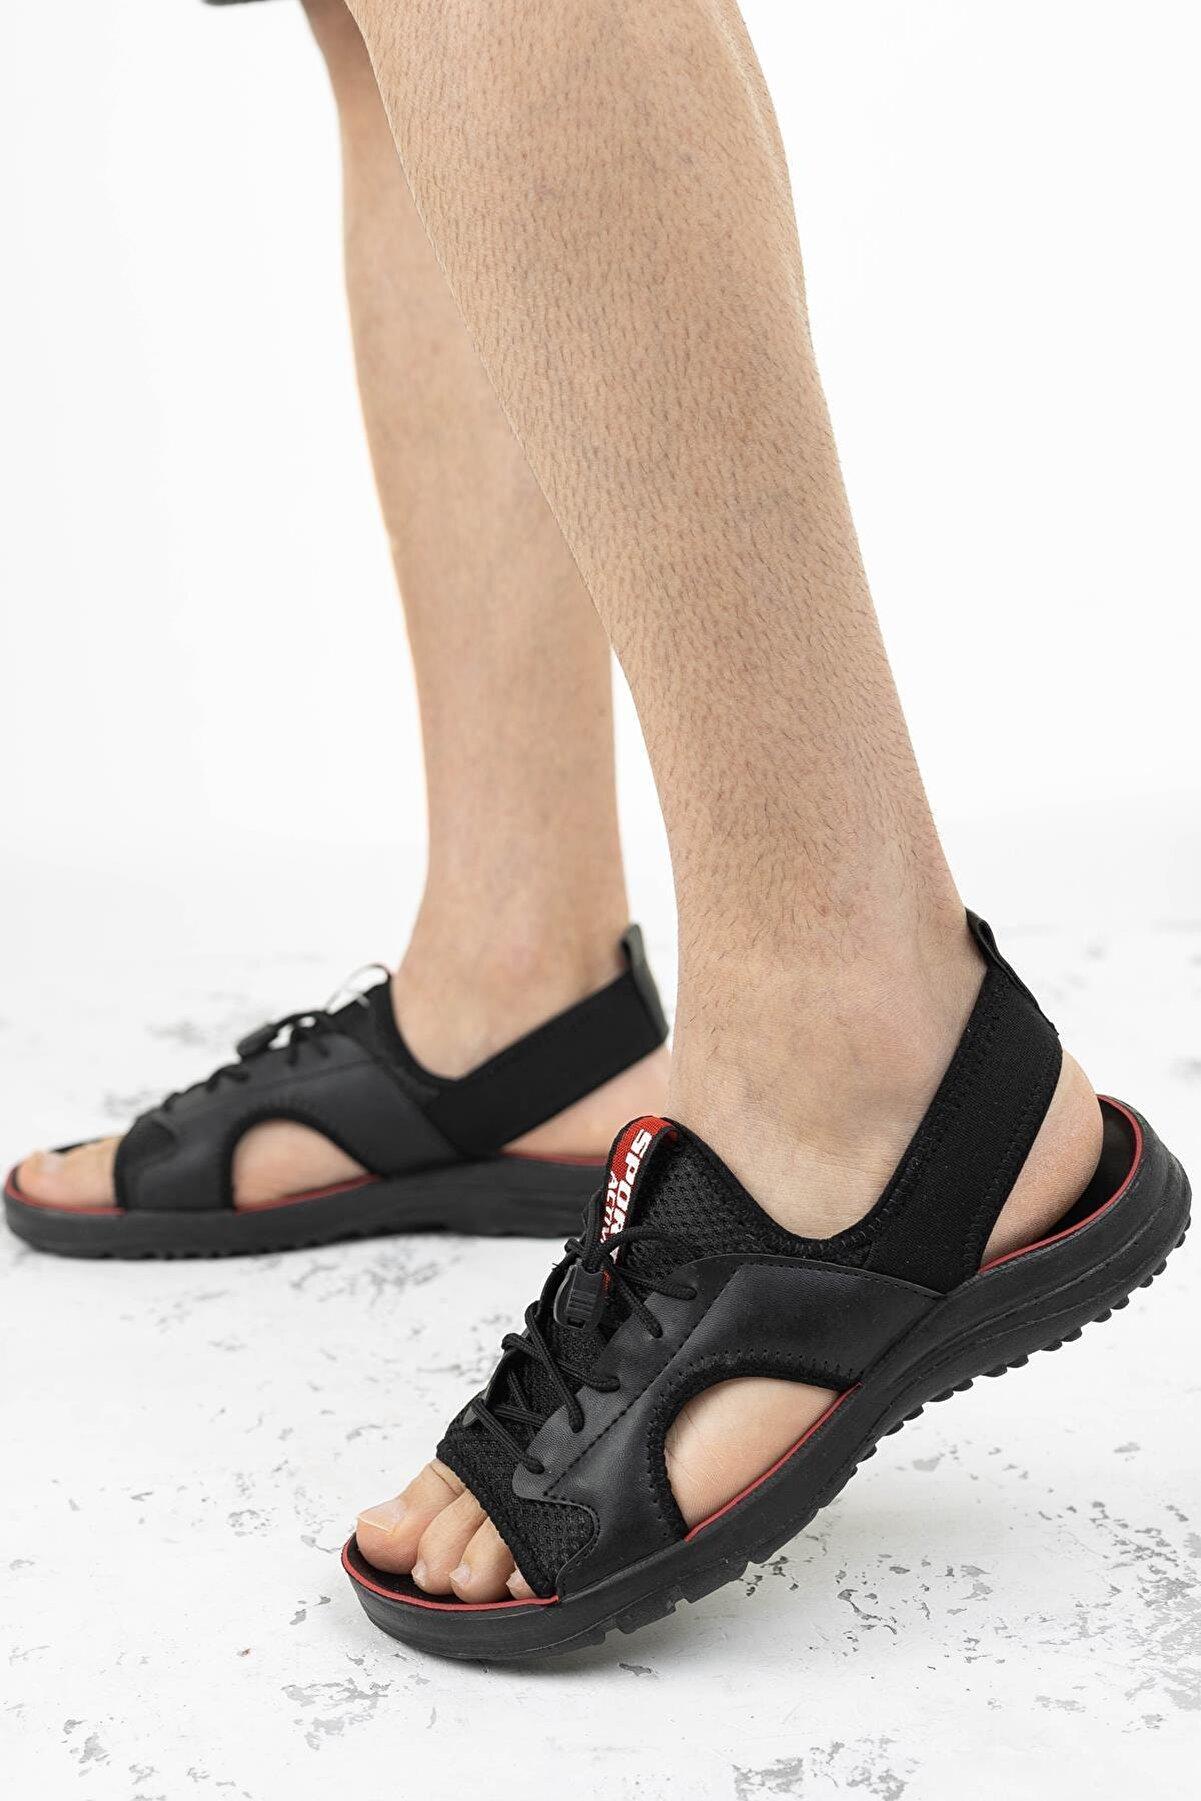 Moda Frato Erkek Sandalet Cırtlı Yazlık Ayakkabı Gz-11052